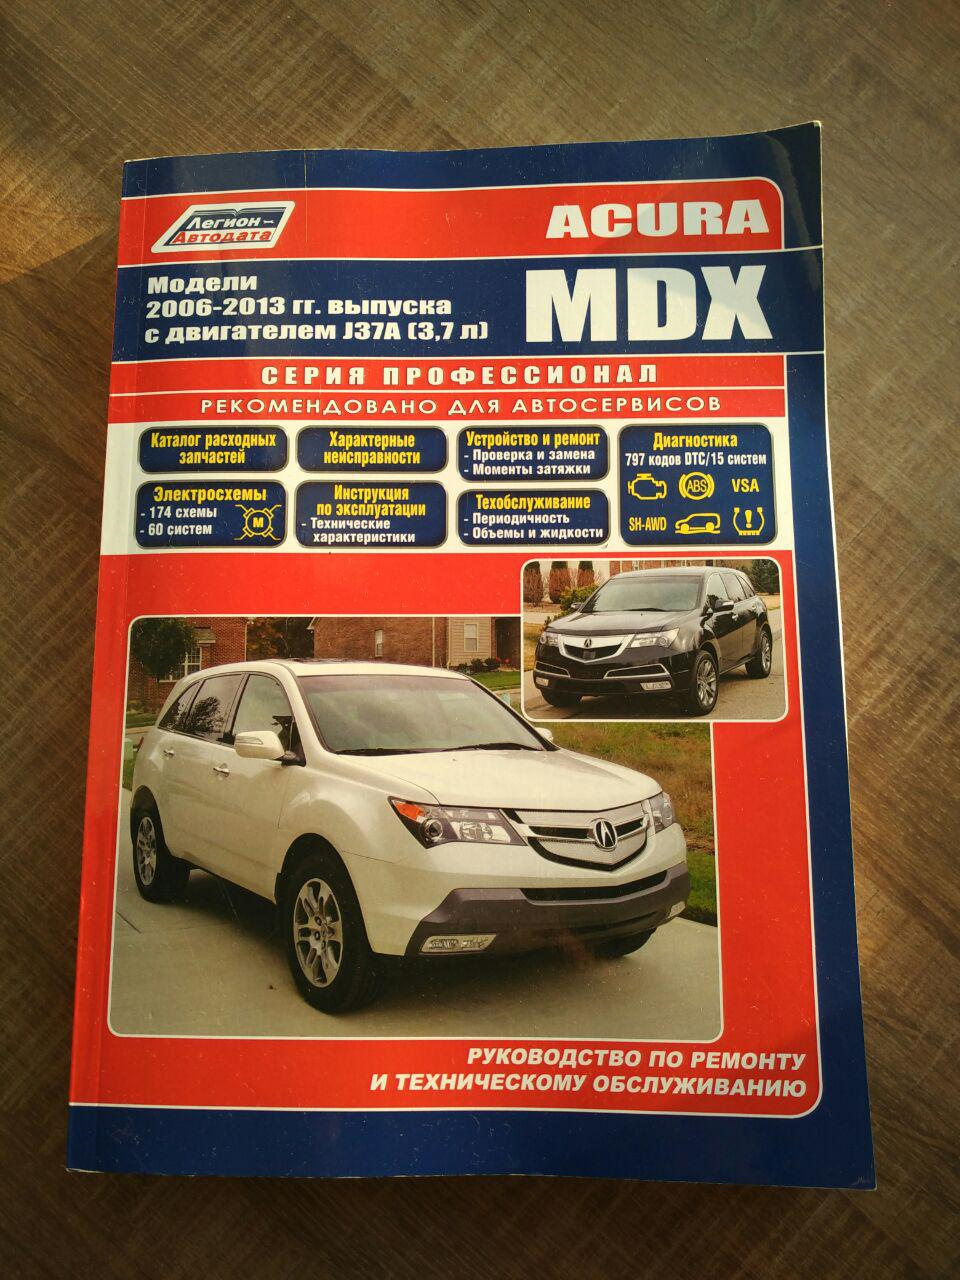 Руководство по ремонту acura mdx с 2006 года, читать онлайн